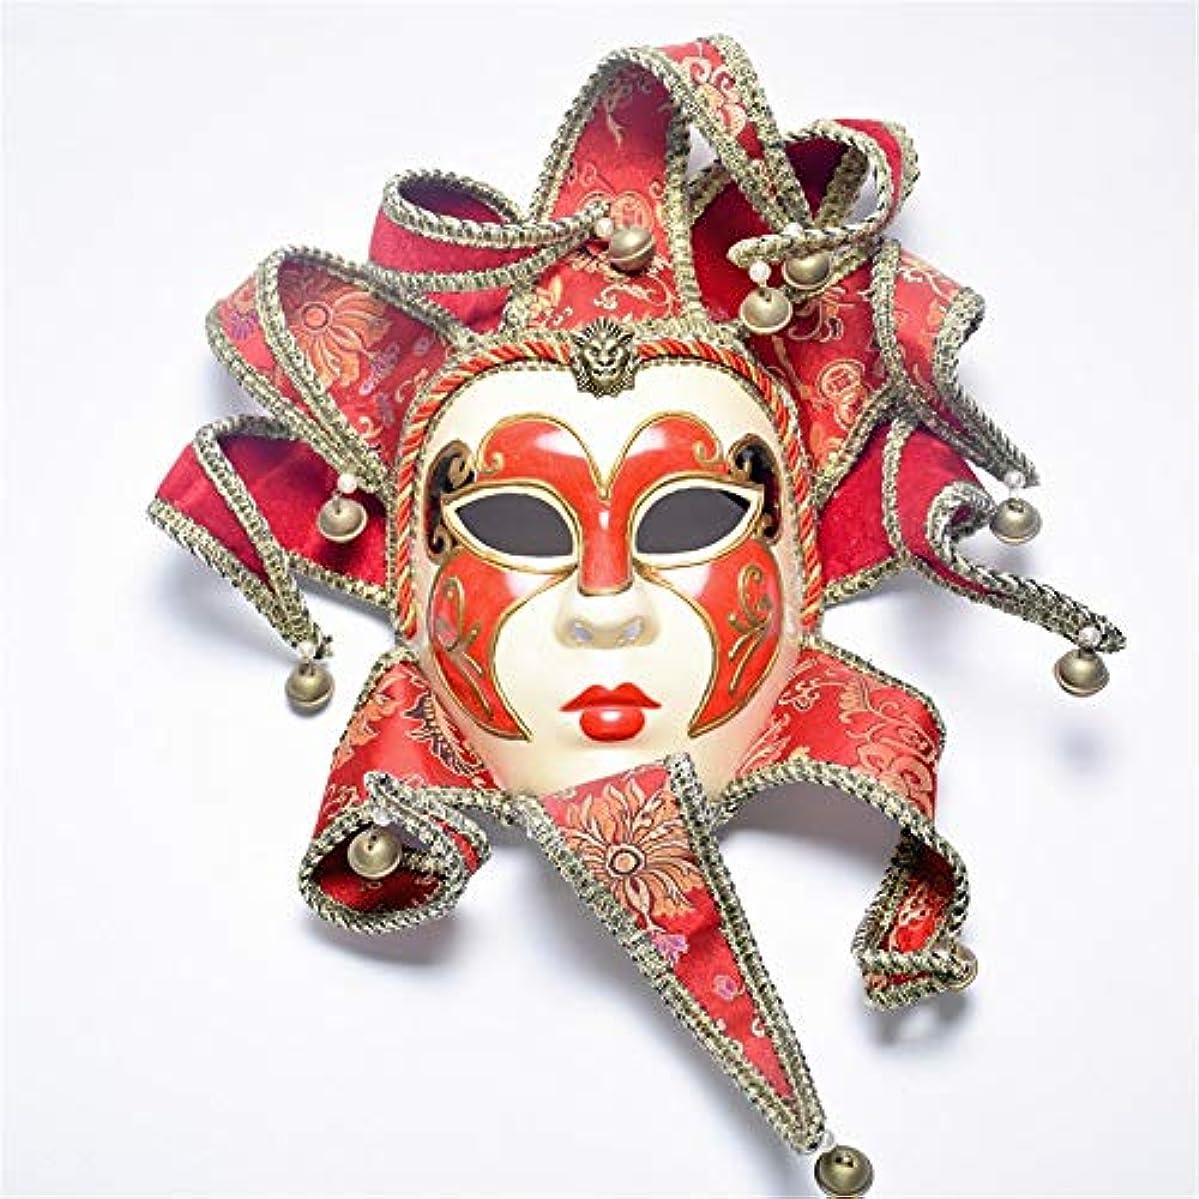 迷彩厳しい合唱団ダンスマスク フルフェイスマスク高級パーティーベルマスク女性マスククリスマスフェスティバルロールプレイングプラスチックマスク ホリデーパーティー用品 (色 : 赤, サイズ : 49x29cm)